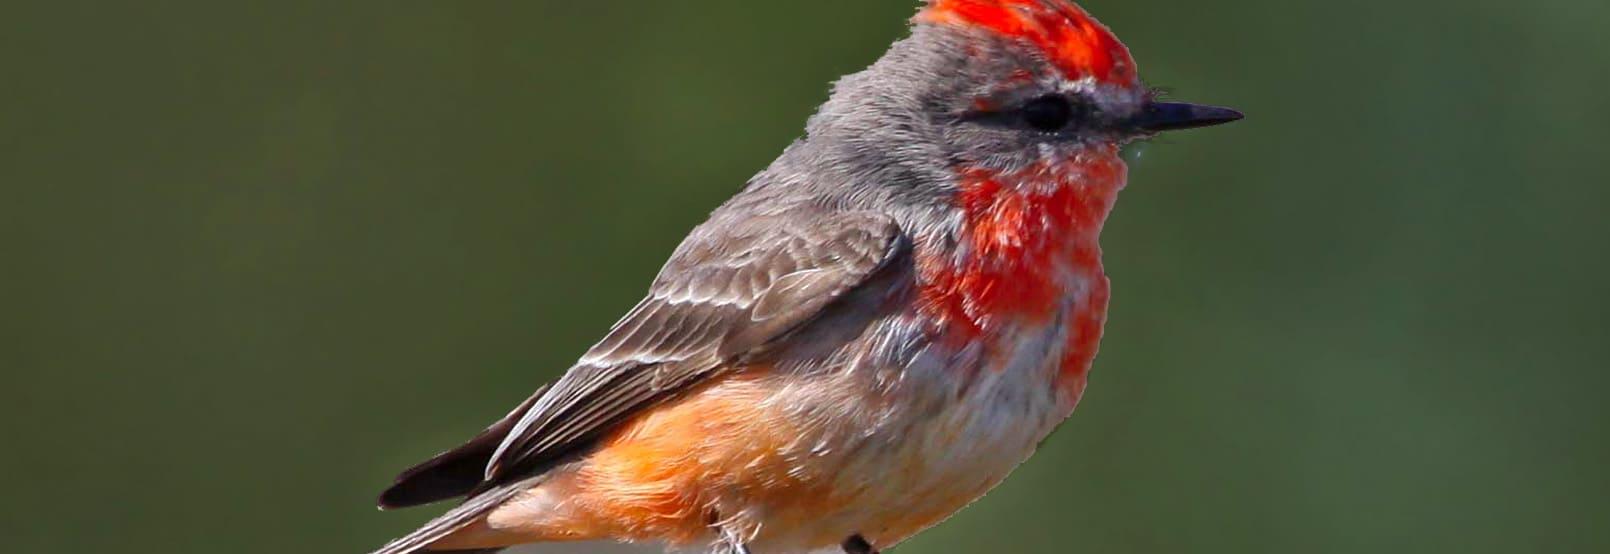 Bird Watching in Guanajuato